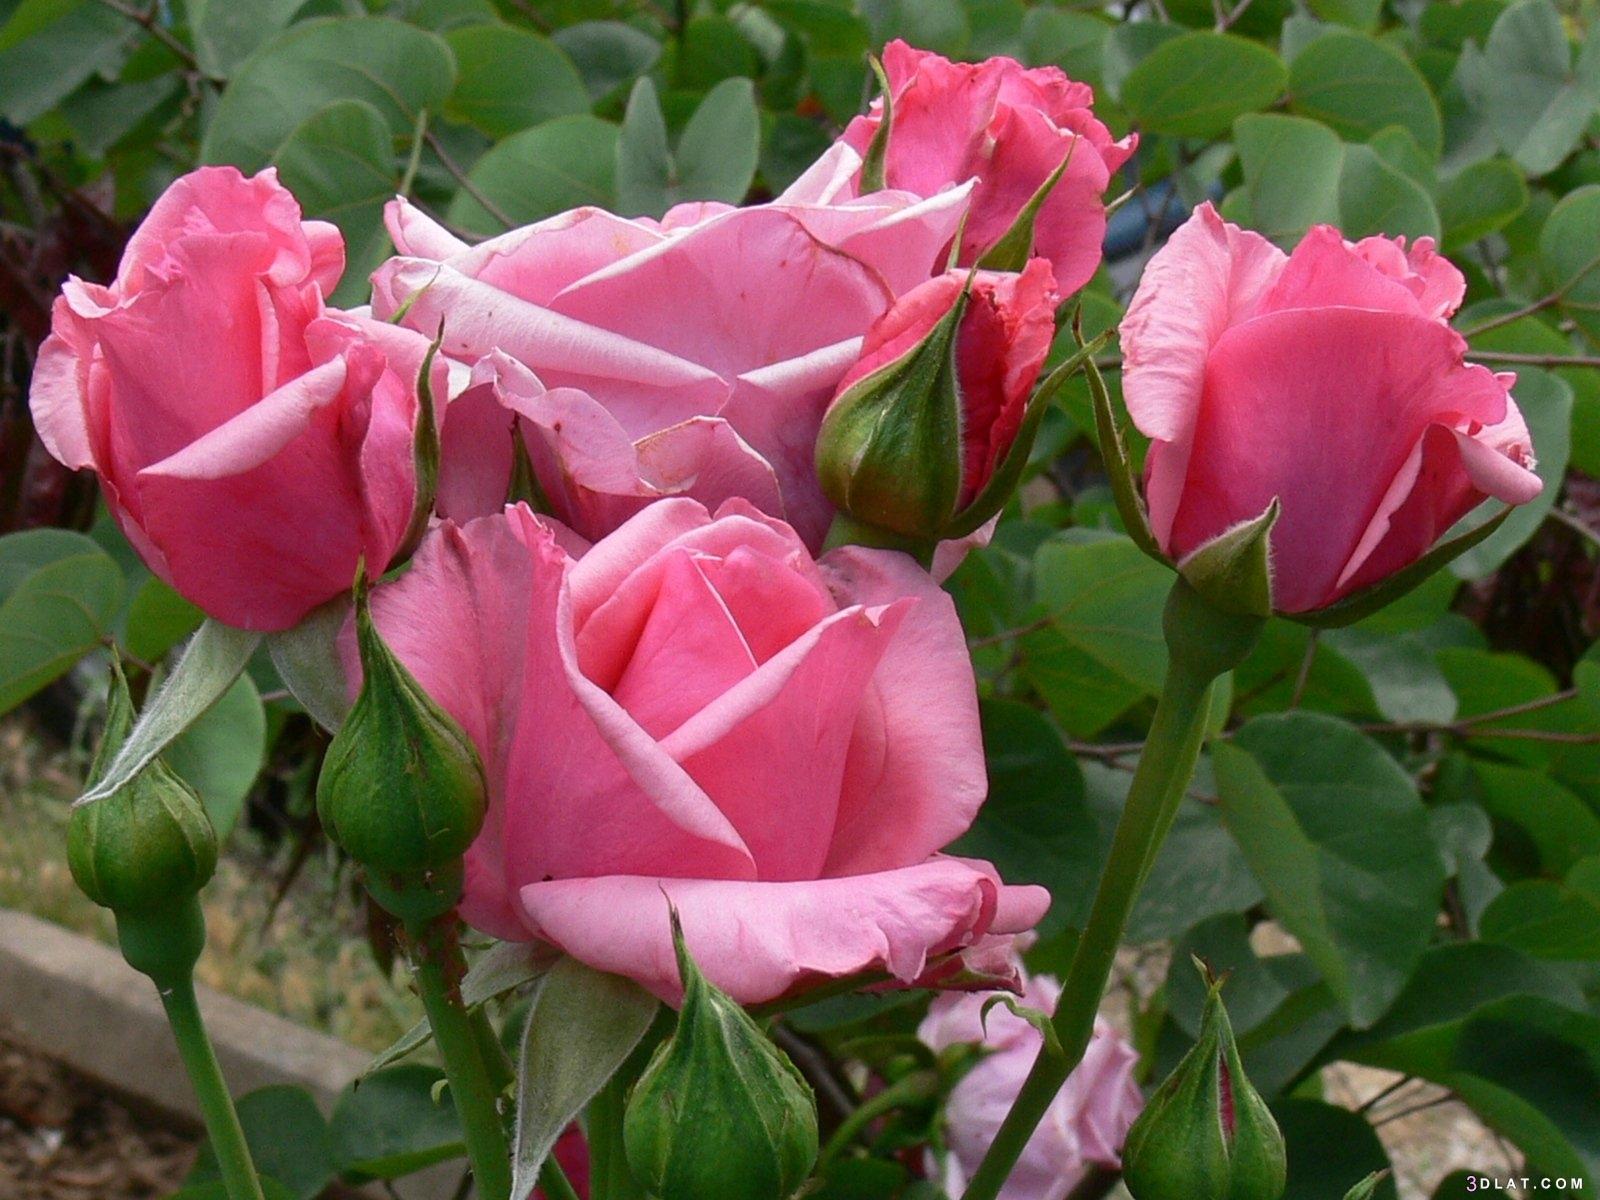 مجموعة زهور عالية الجودة ،أجمل مجموعة 3dlat.com_07_19_589c